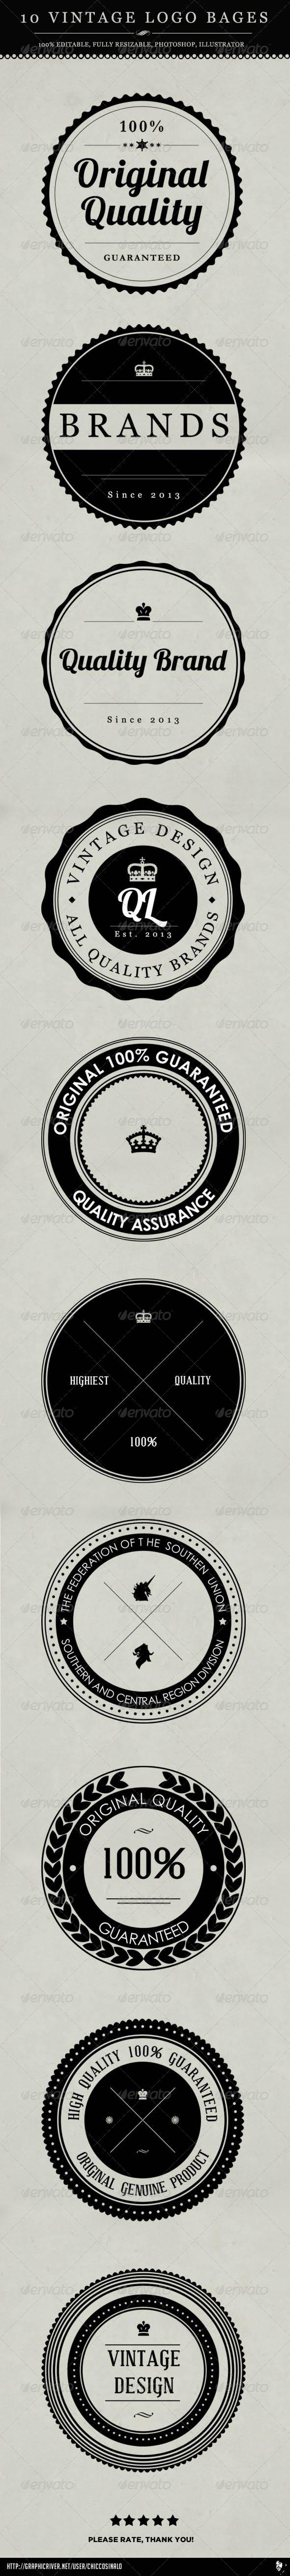 GraphicRiver 10 Vintage Logo Badges 4118900